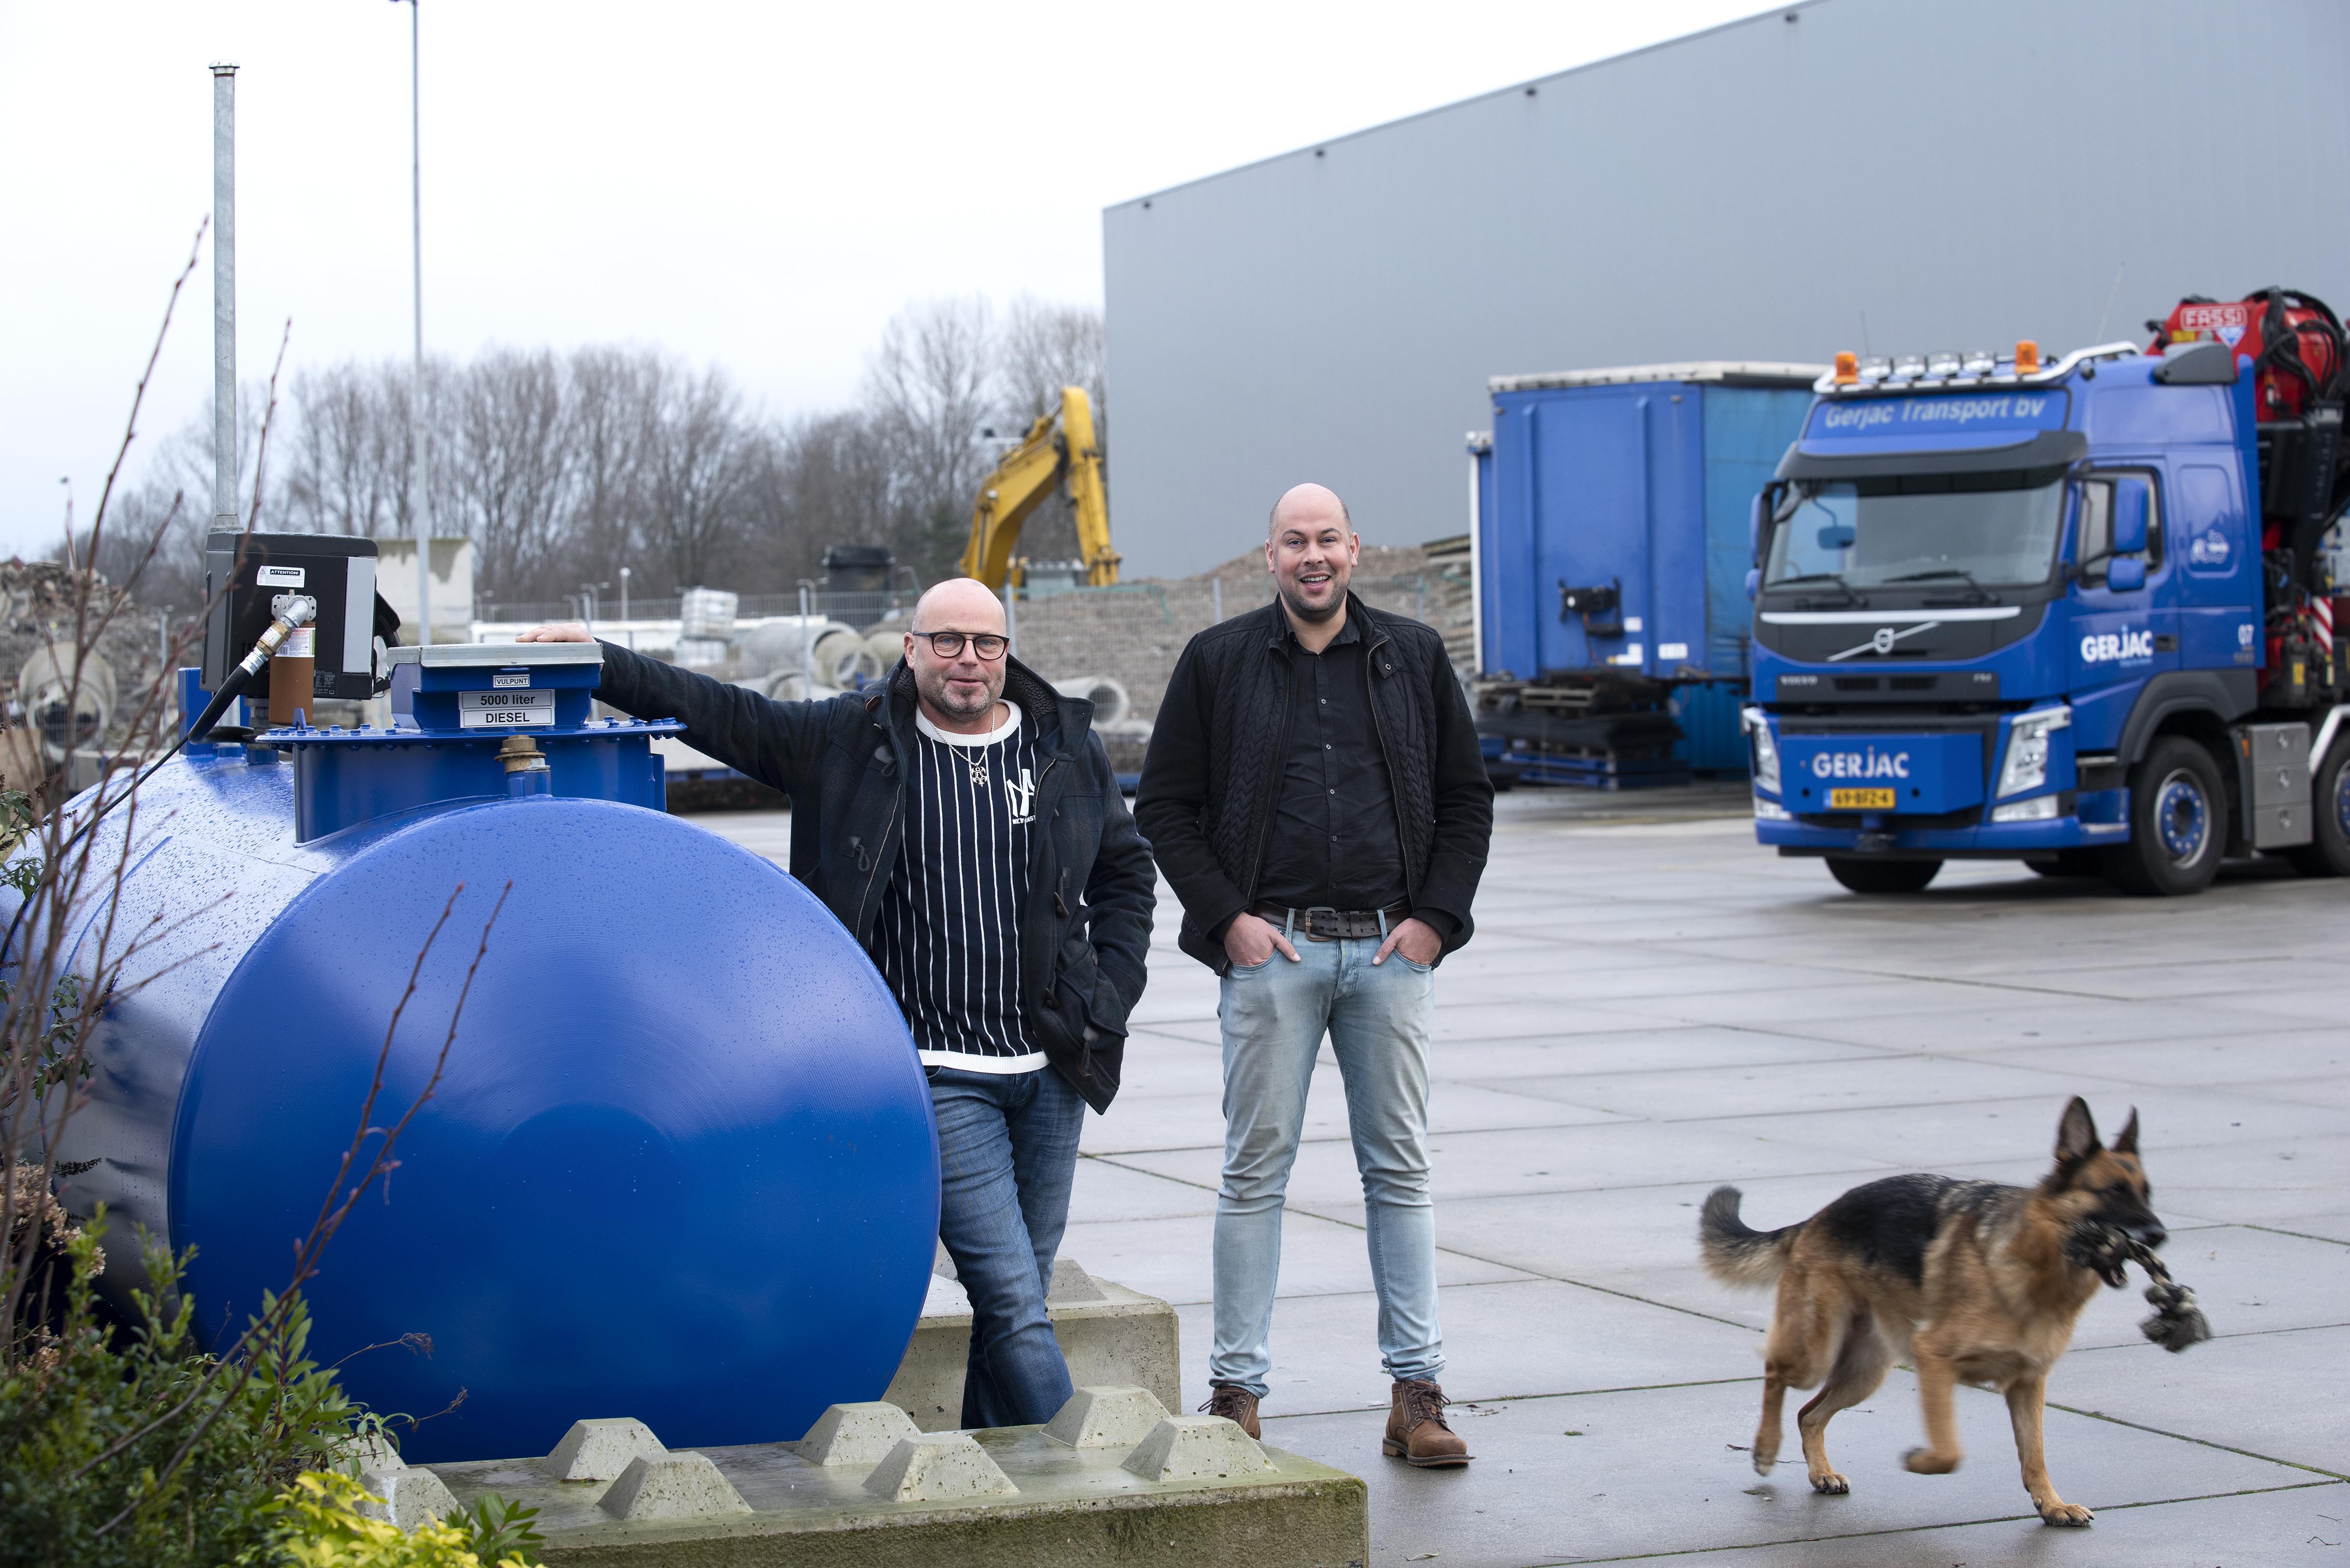 Gerjac transportbedrijf rijdt nu duurzaam rond op 'frituurolie': 'Misschien breng ik Tata op een idee'